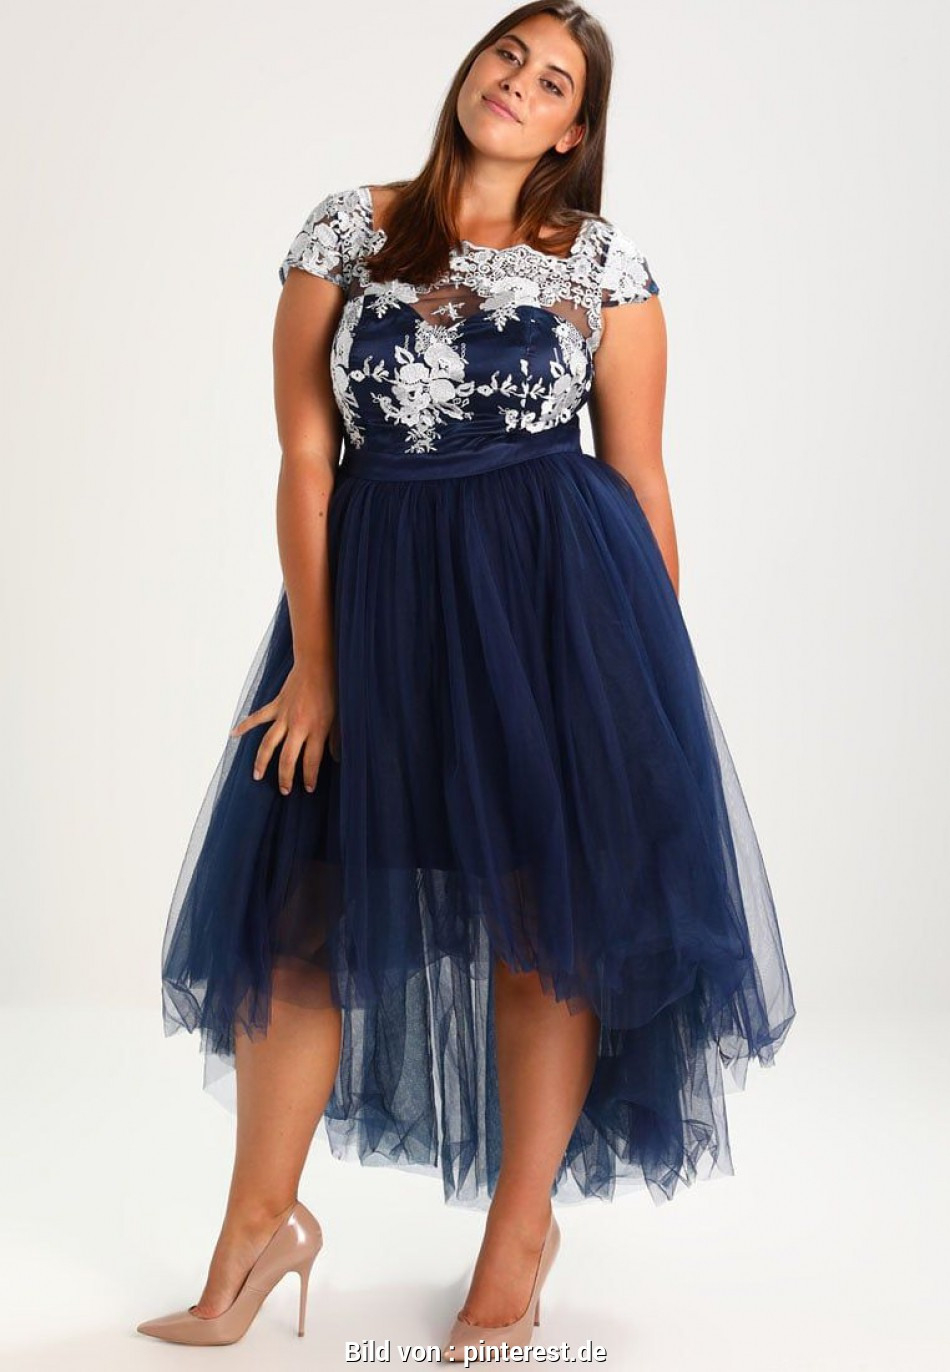 Designer Kreativ Abendkleid Zalando Stylish Wunderbar Abendkleid Zalando Spezialgebiet